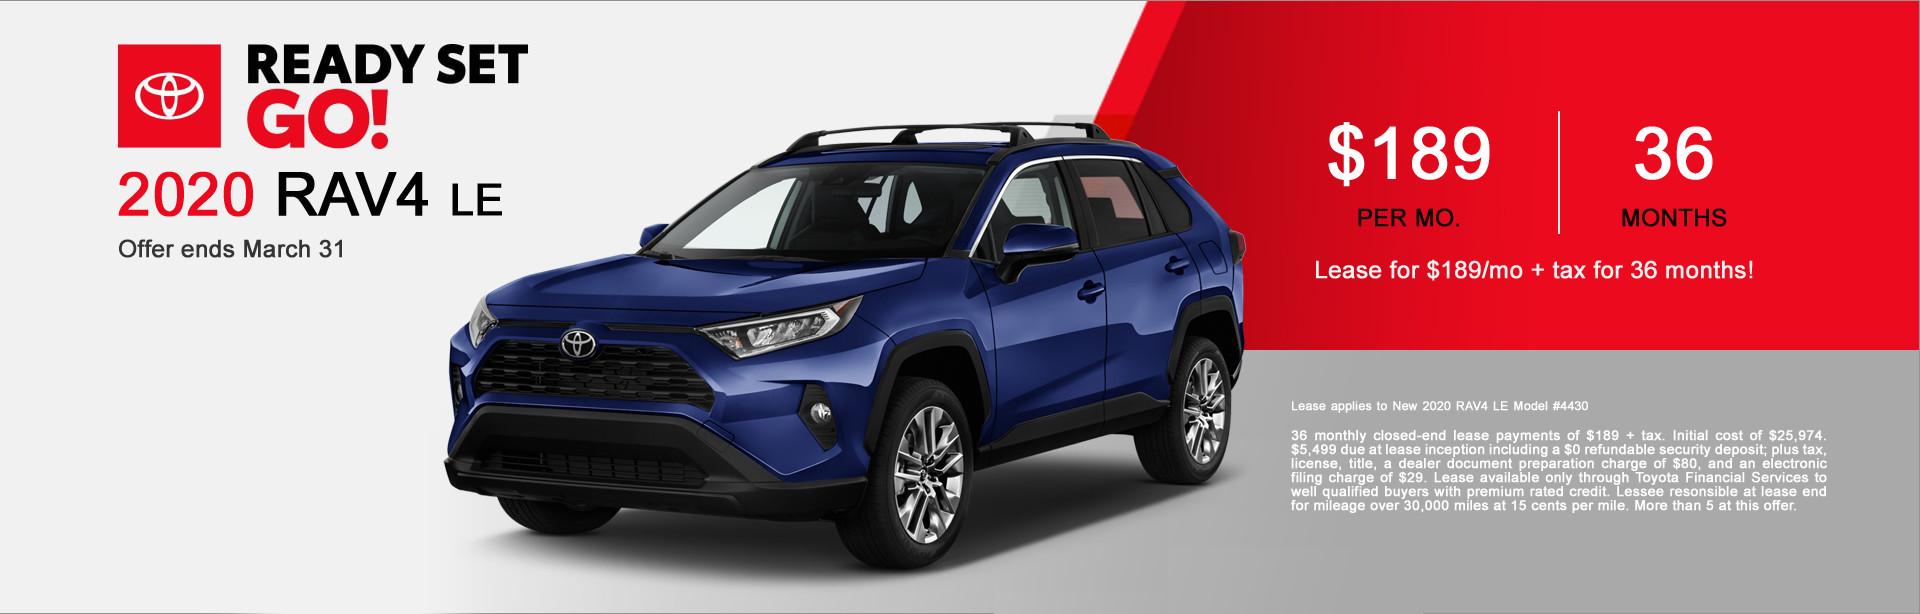 Fremont Toyota RAV4 Lease Special Offer